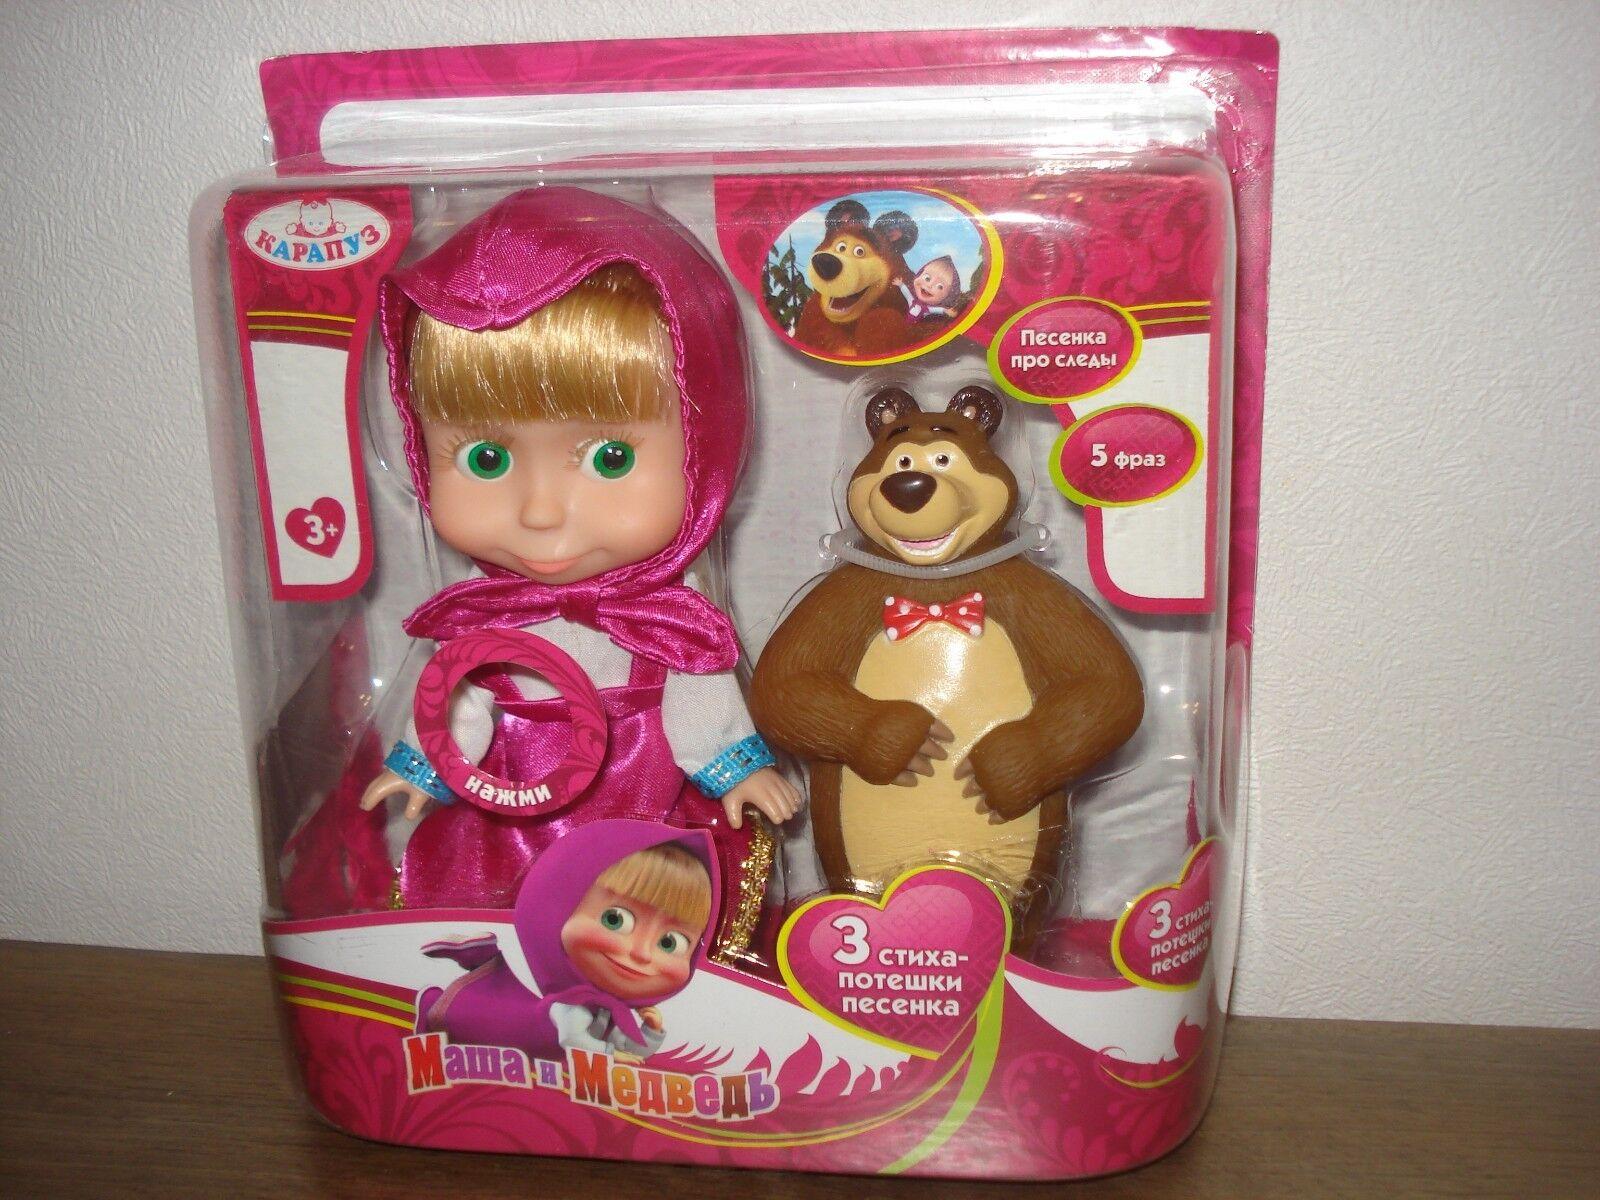 Doll Masha 15 15 15 cm and the Bear from Russian cartoon Masha and Bear Masha i Medved ace8e9